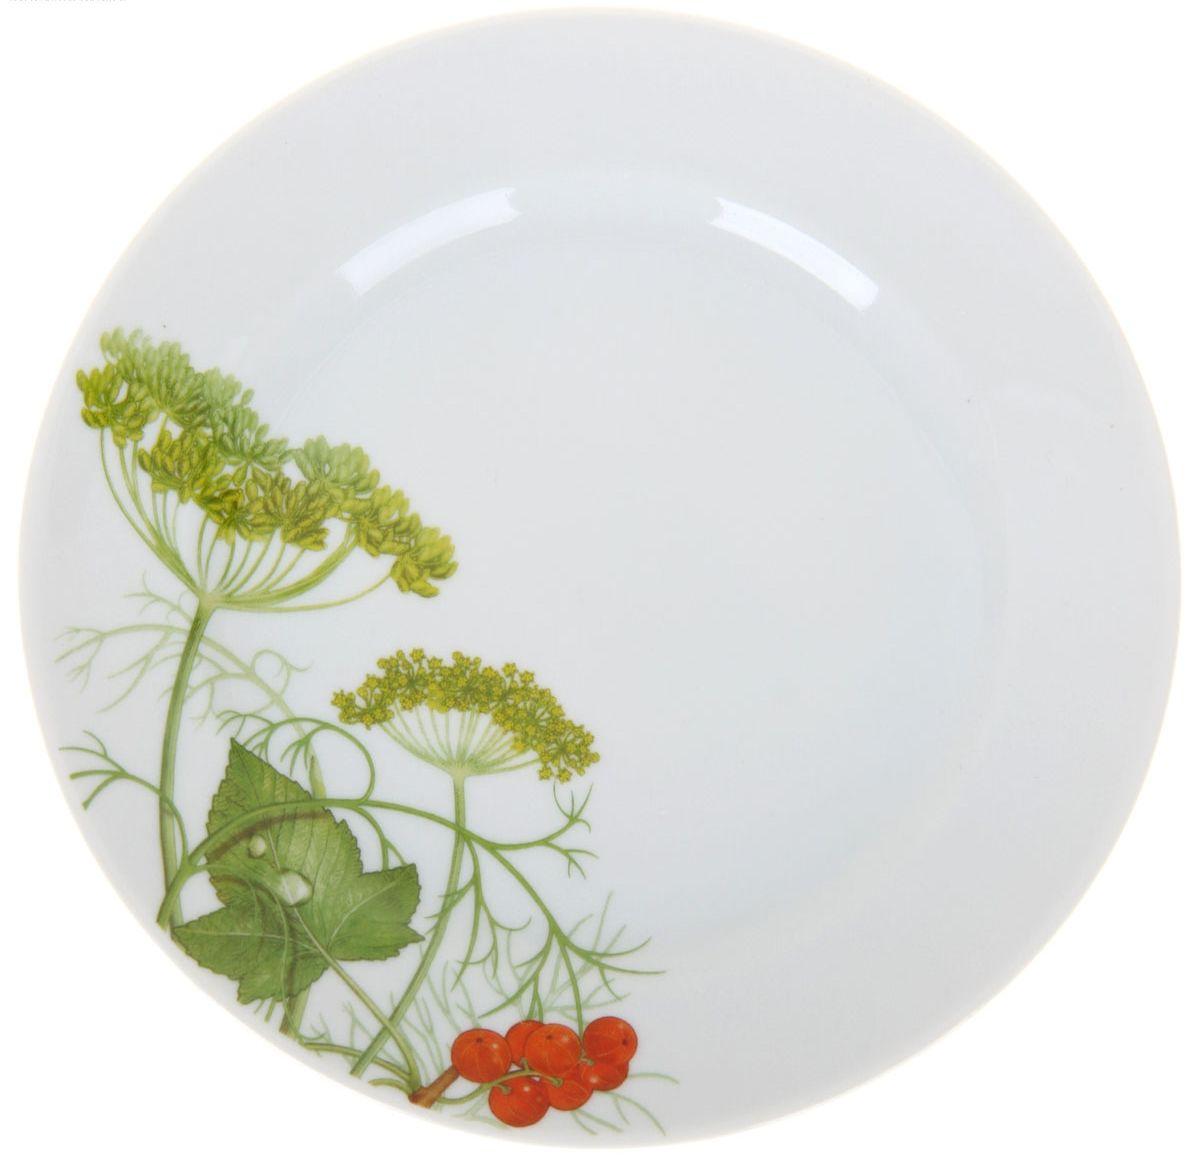 Тарелка мелкая Идиллия. Садочек, диаметр 17 см1224520